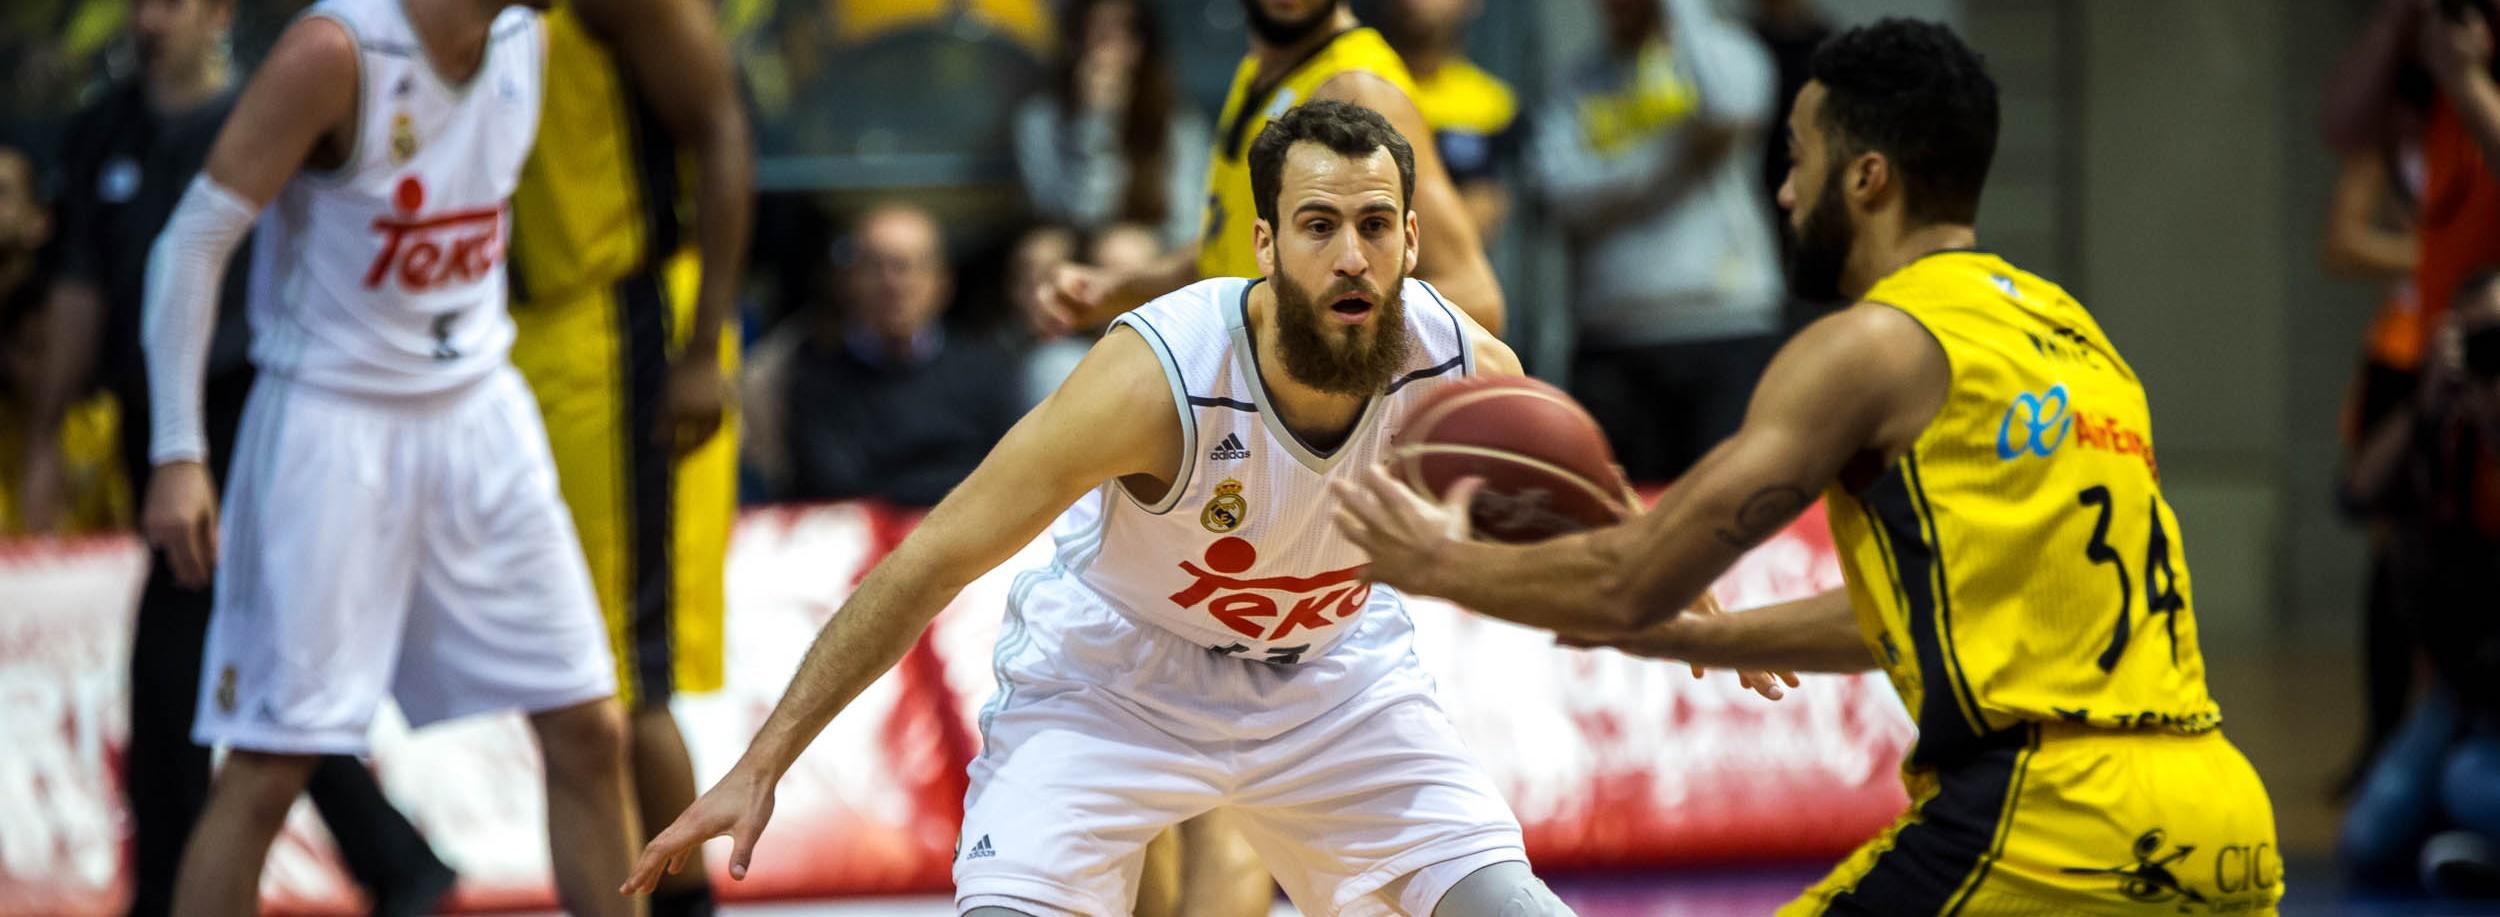 Sergio Rodríguez, candidato a 'MVP' de la década en ACB